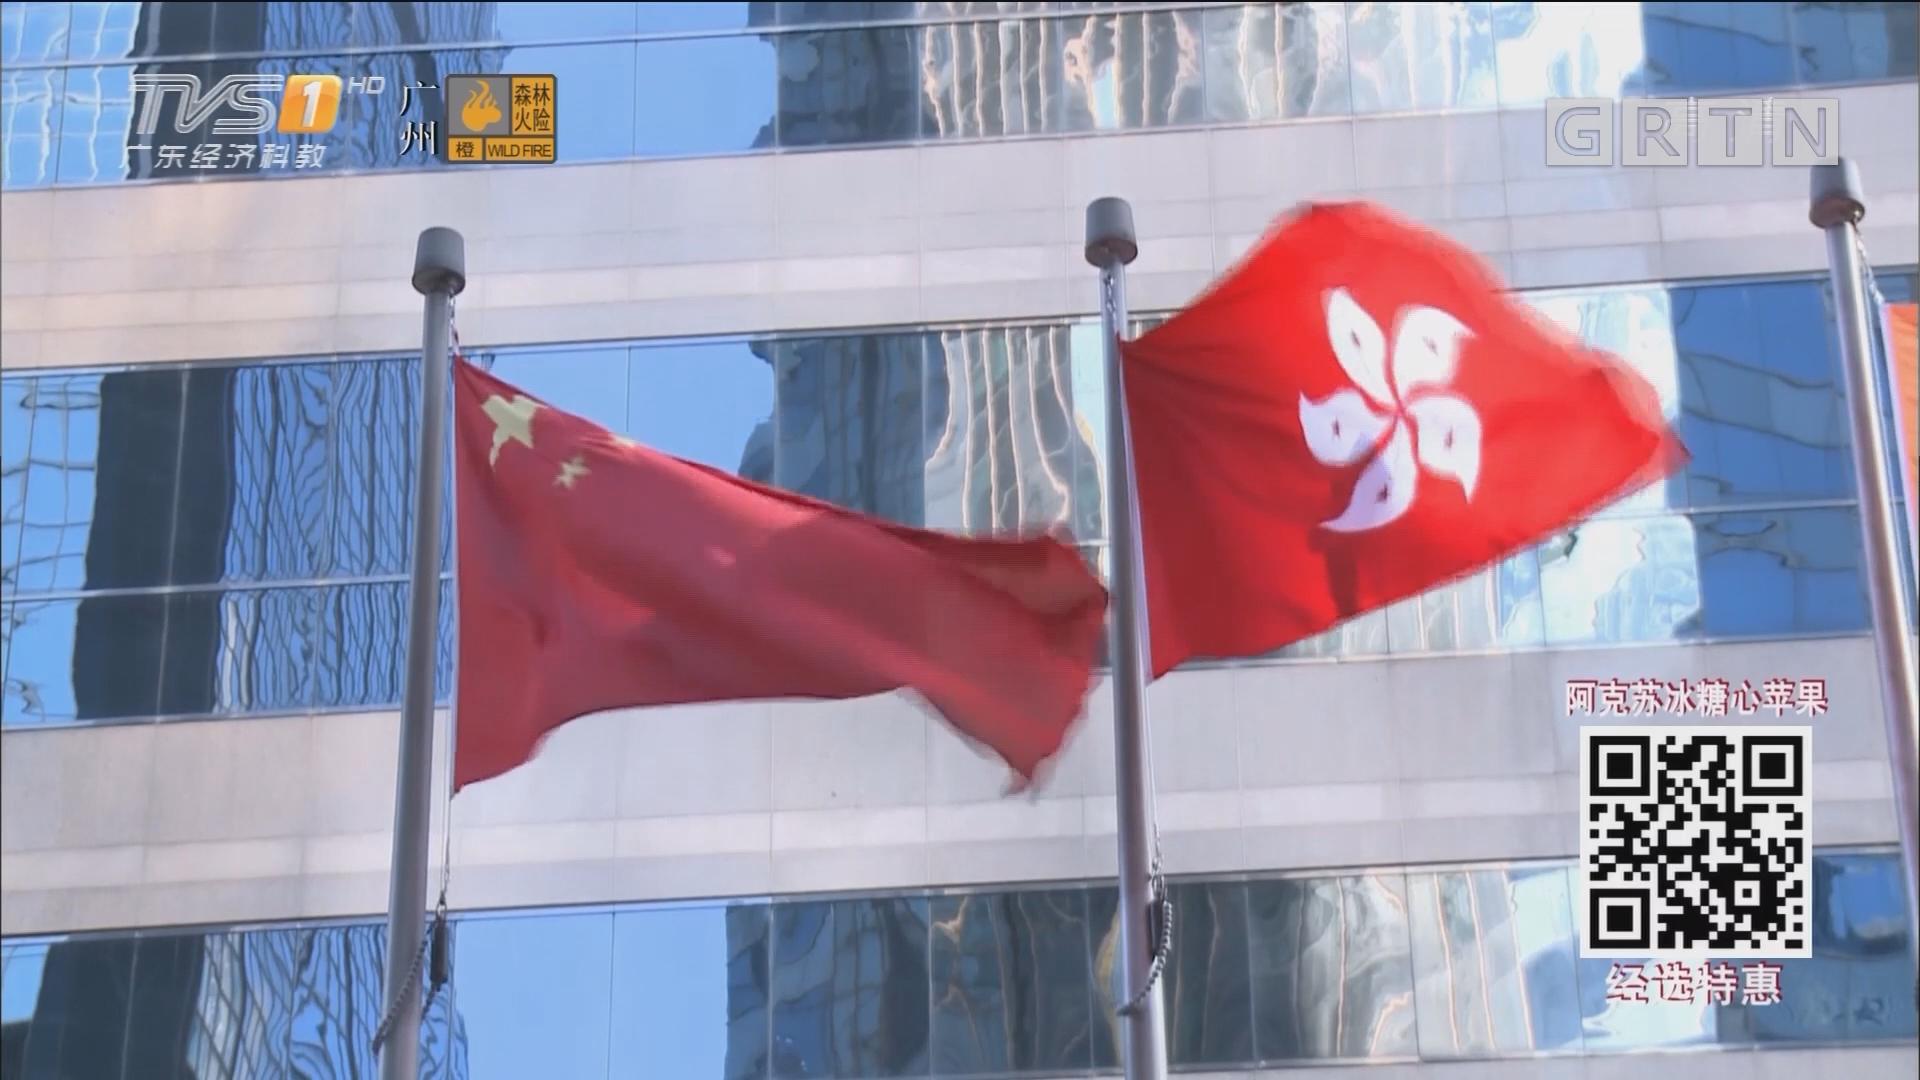 系列报道:记者眼中的2017 香港回归20周年:一国两制